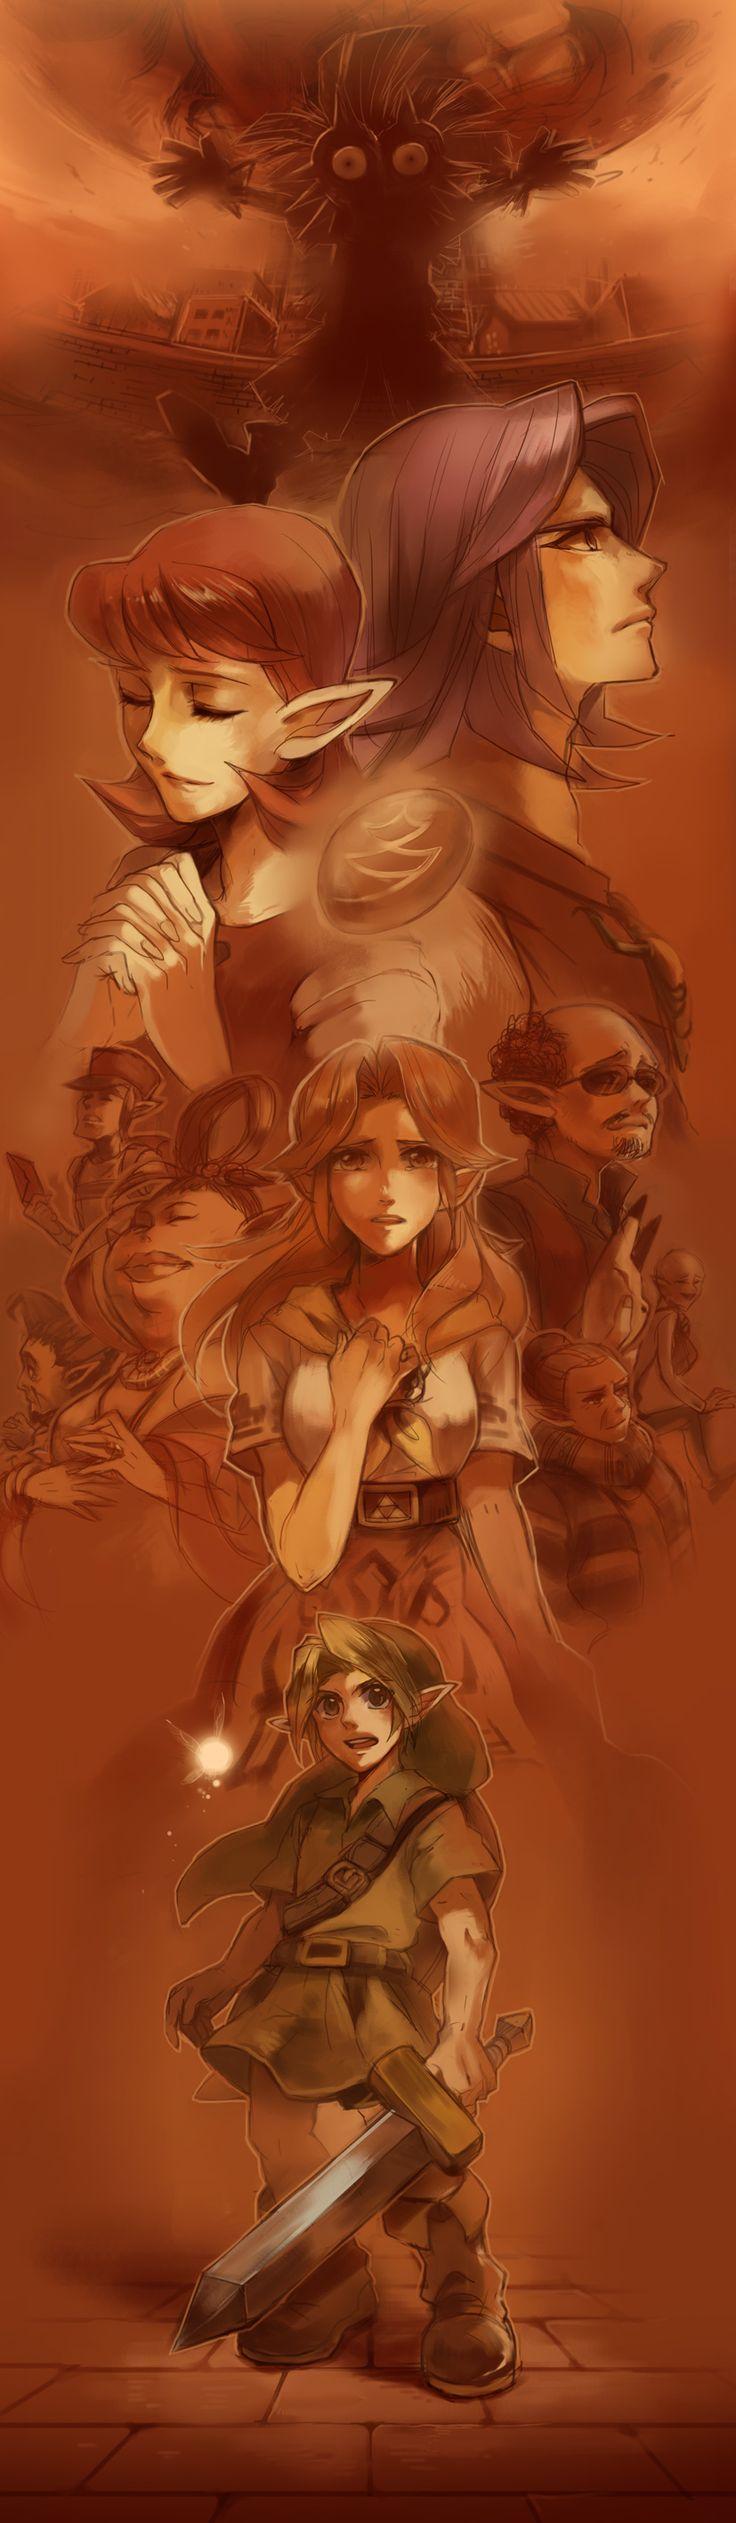 /Majora's Mask/#1162630 - Zerochan | The Legend of Zelda: Majora's Mask